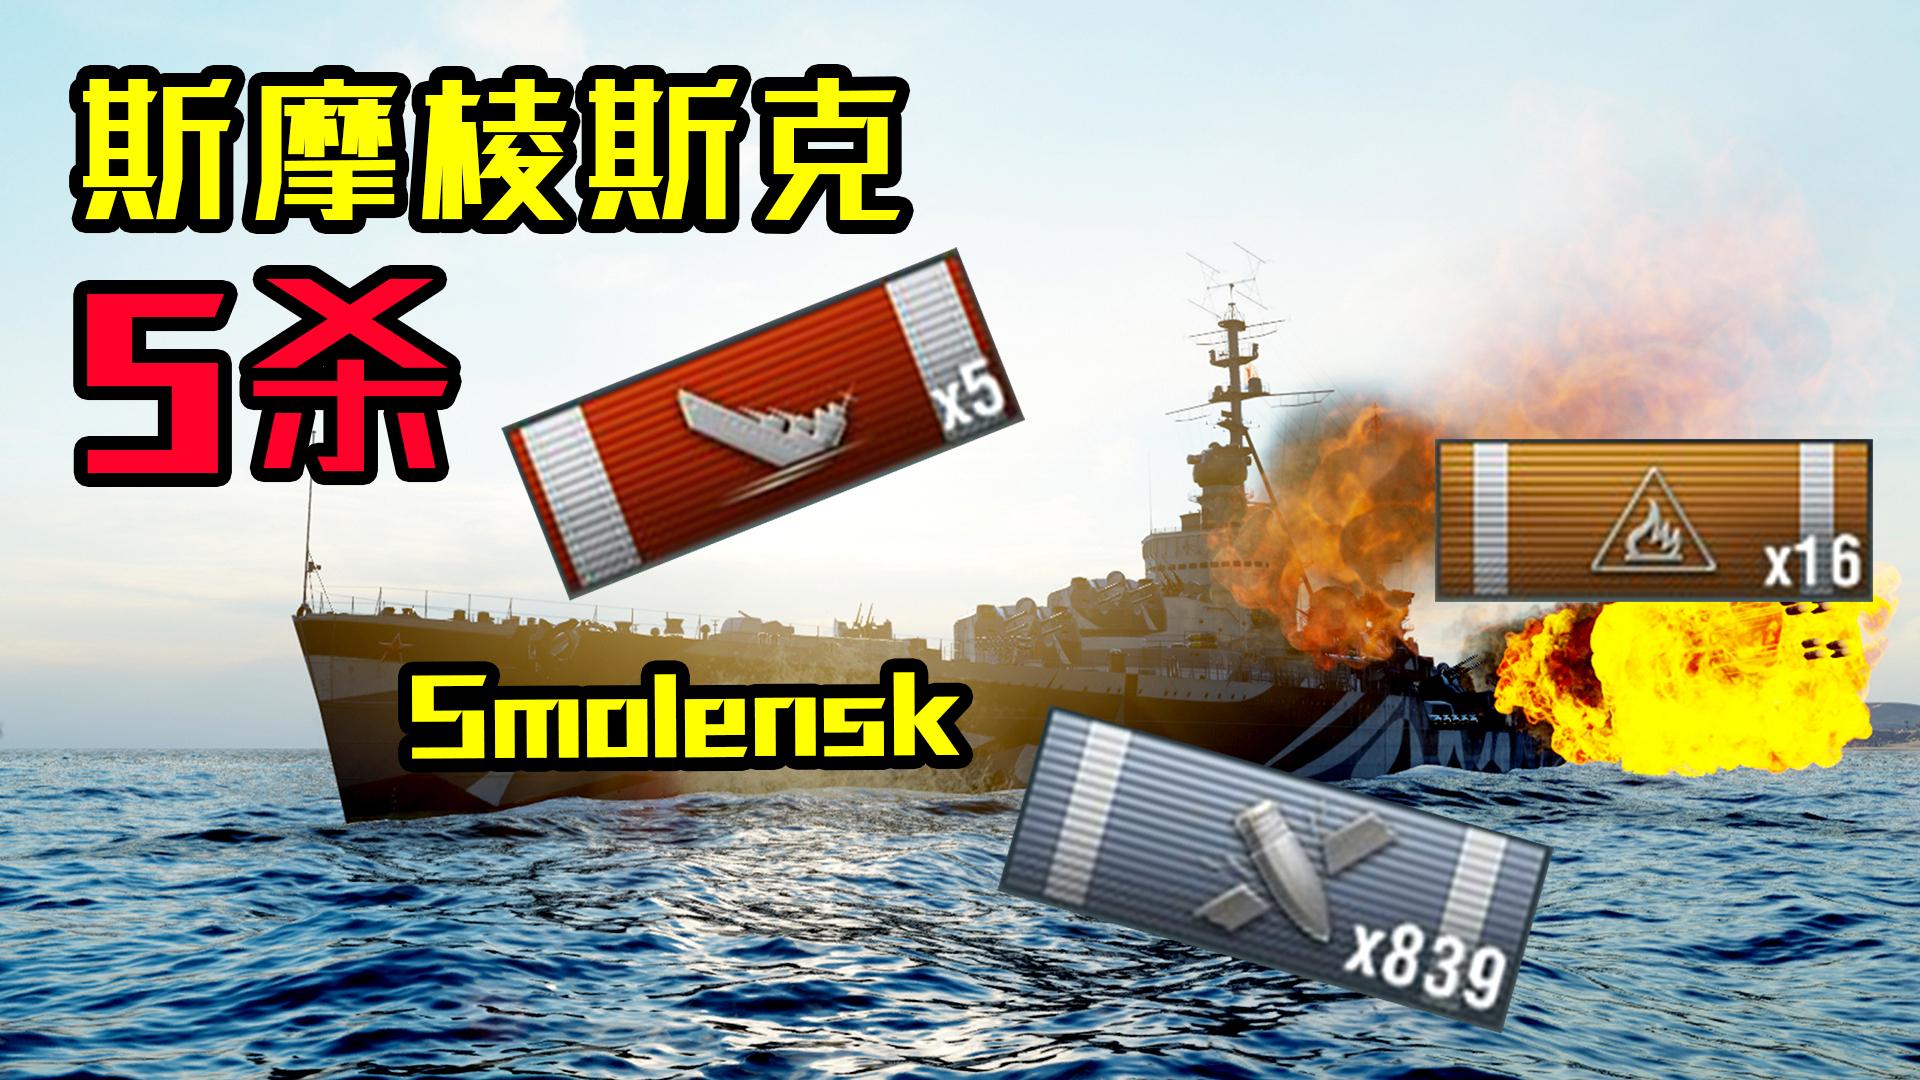 【独家/战舰世界】下炮弹雨!斯摩棱斯克5杀22万伤害2500裸经验【QPC】